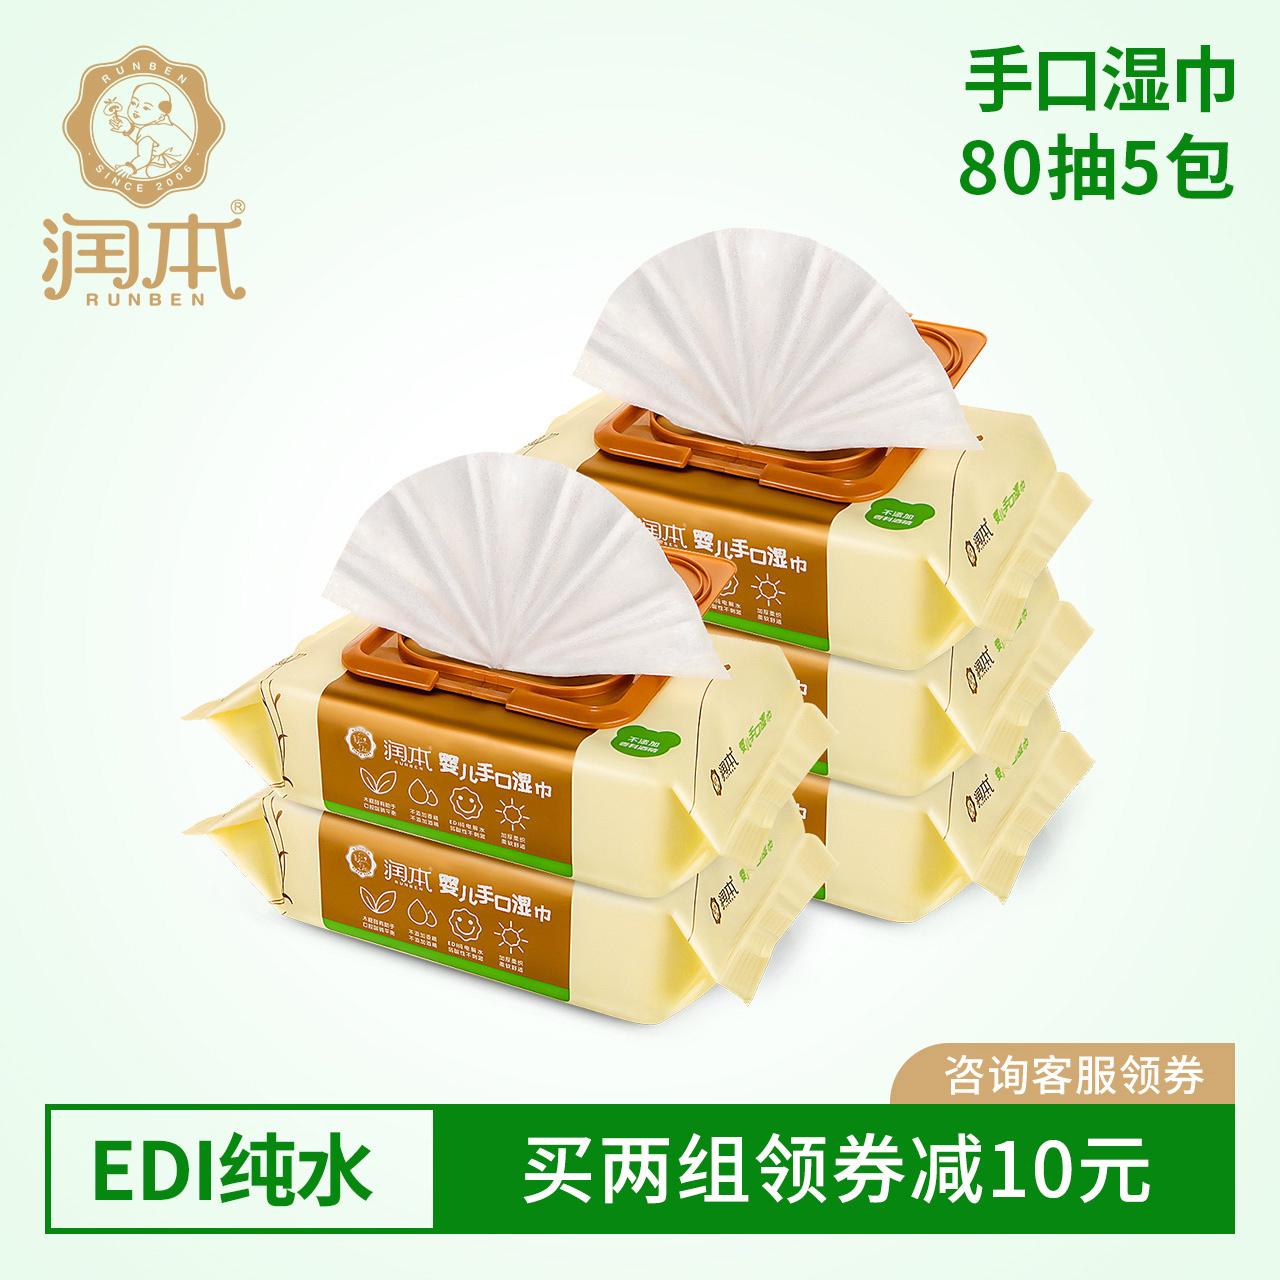 润本湿巾 婴儿手口湿巾带盖 儿童宝宝可用BB柔湿纸巾80抽*5包